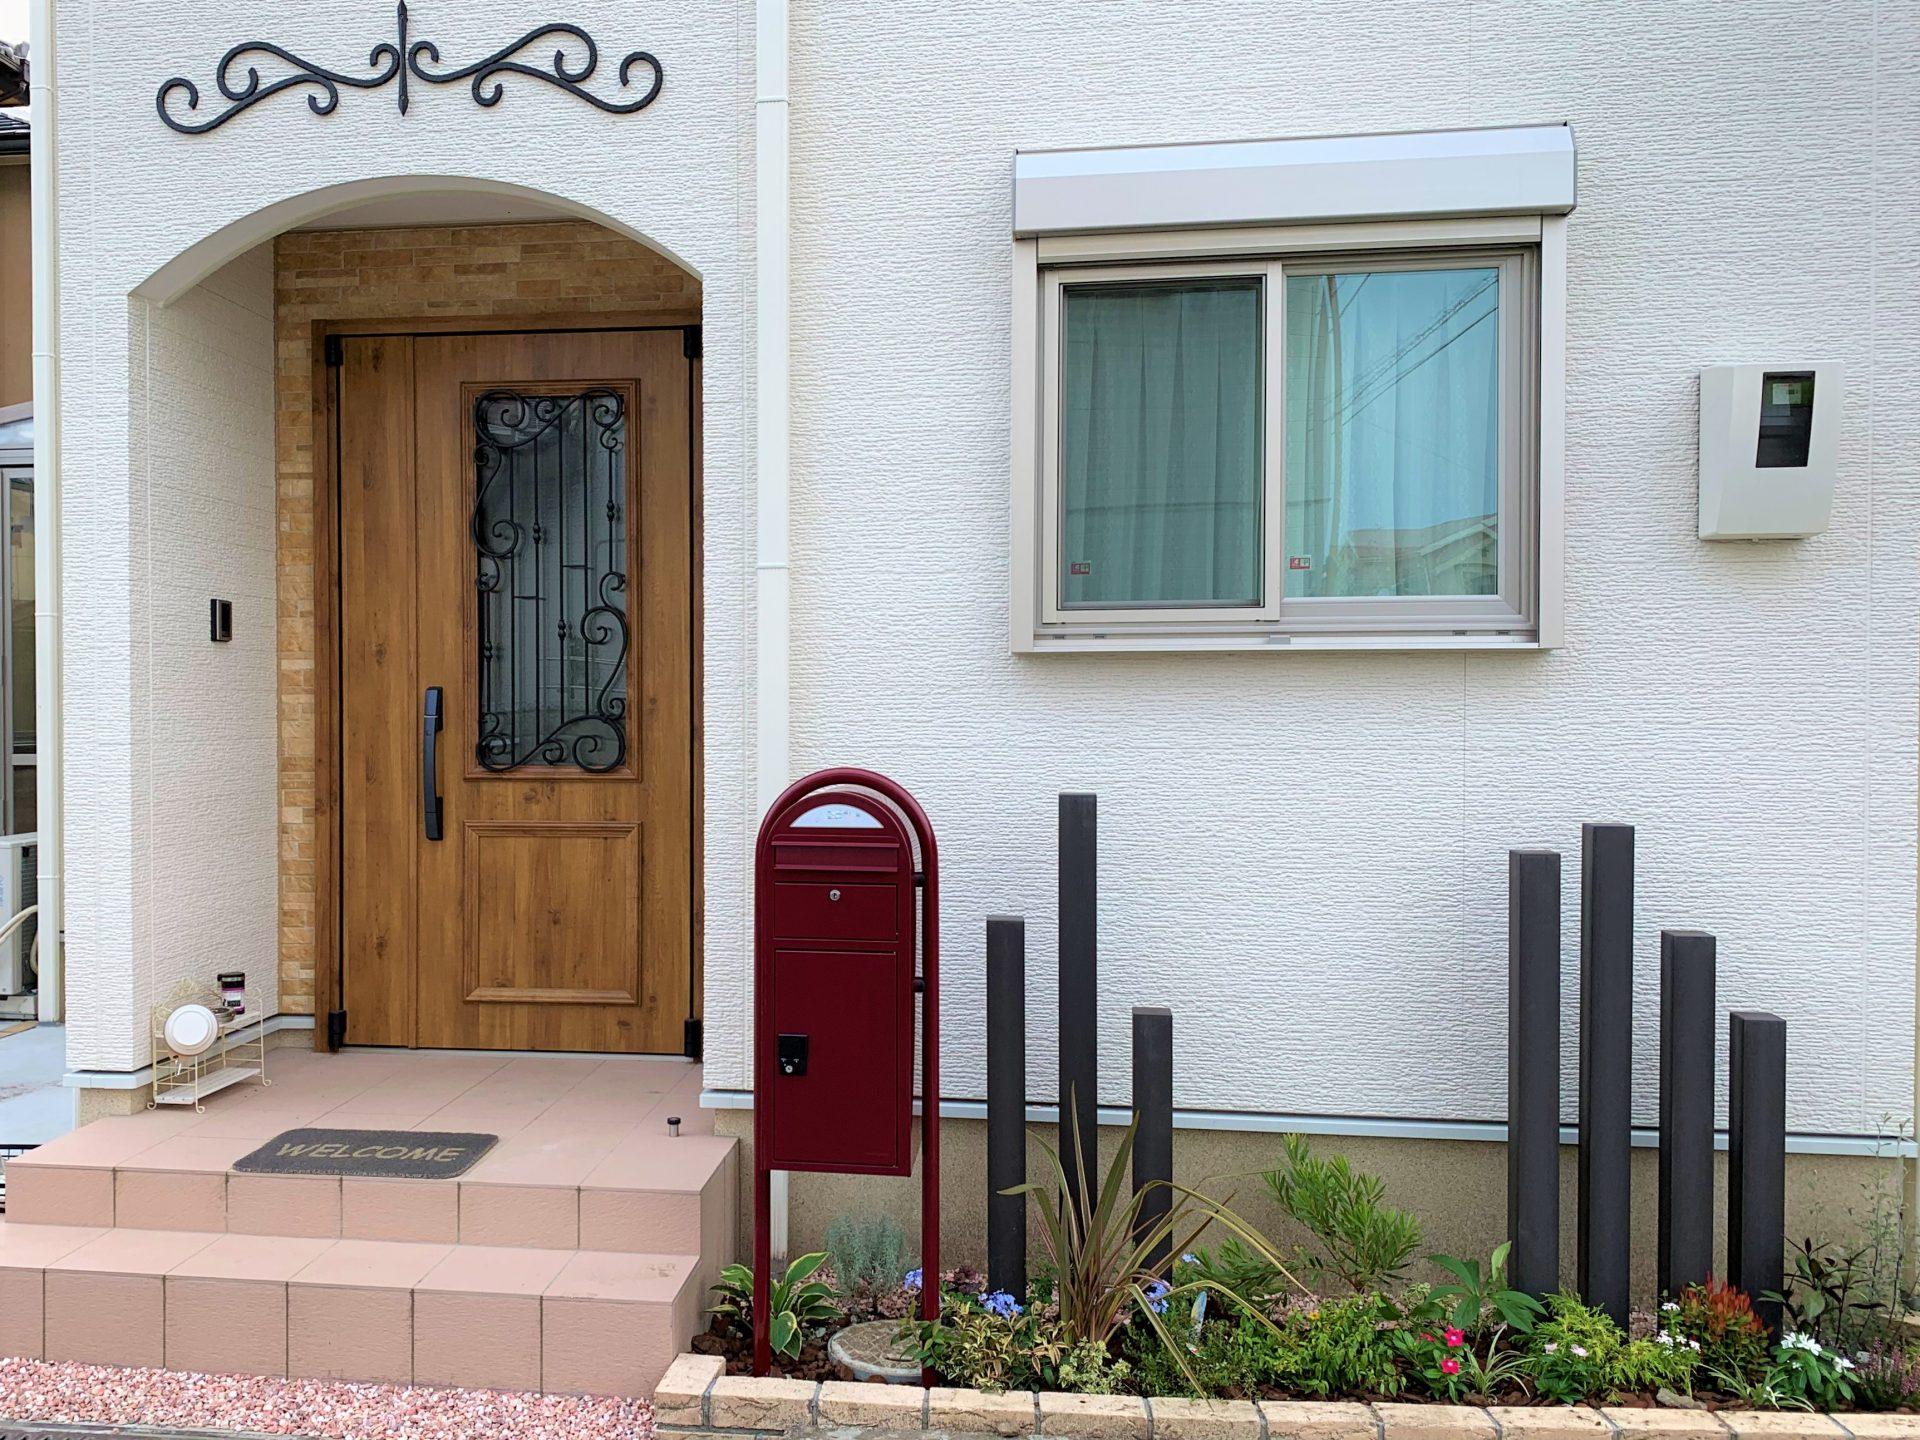 赤いポストのある玄関前